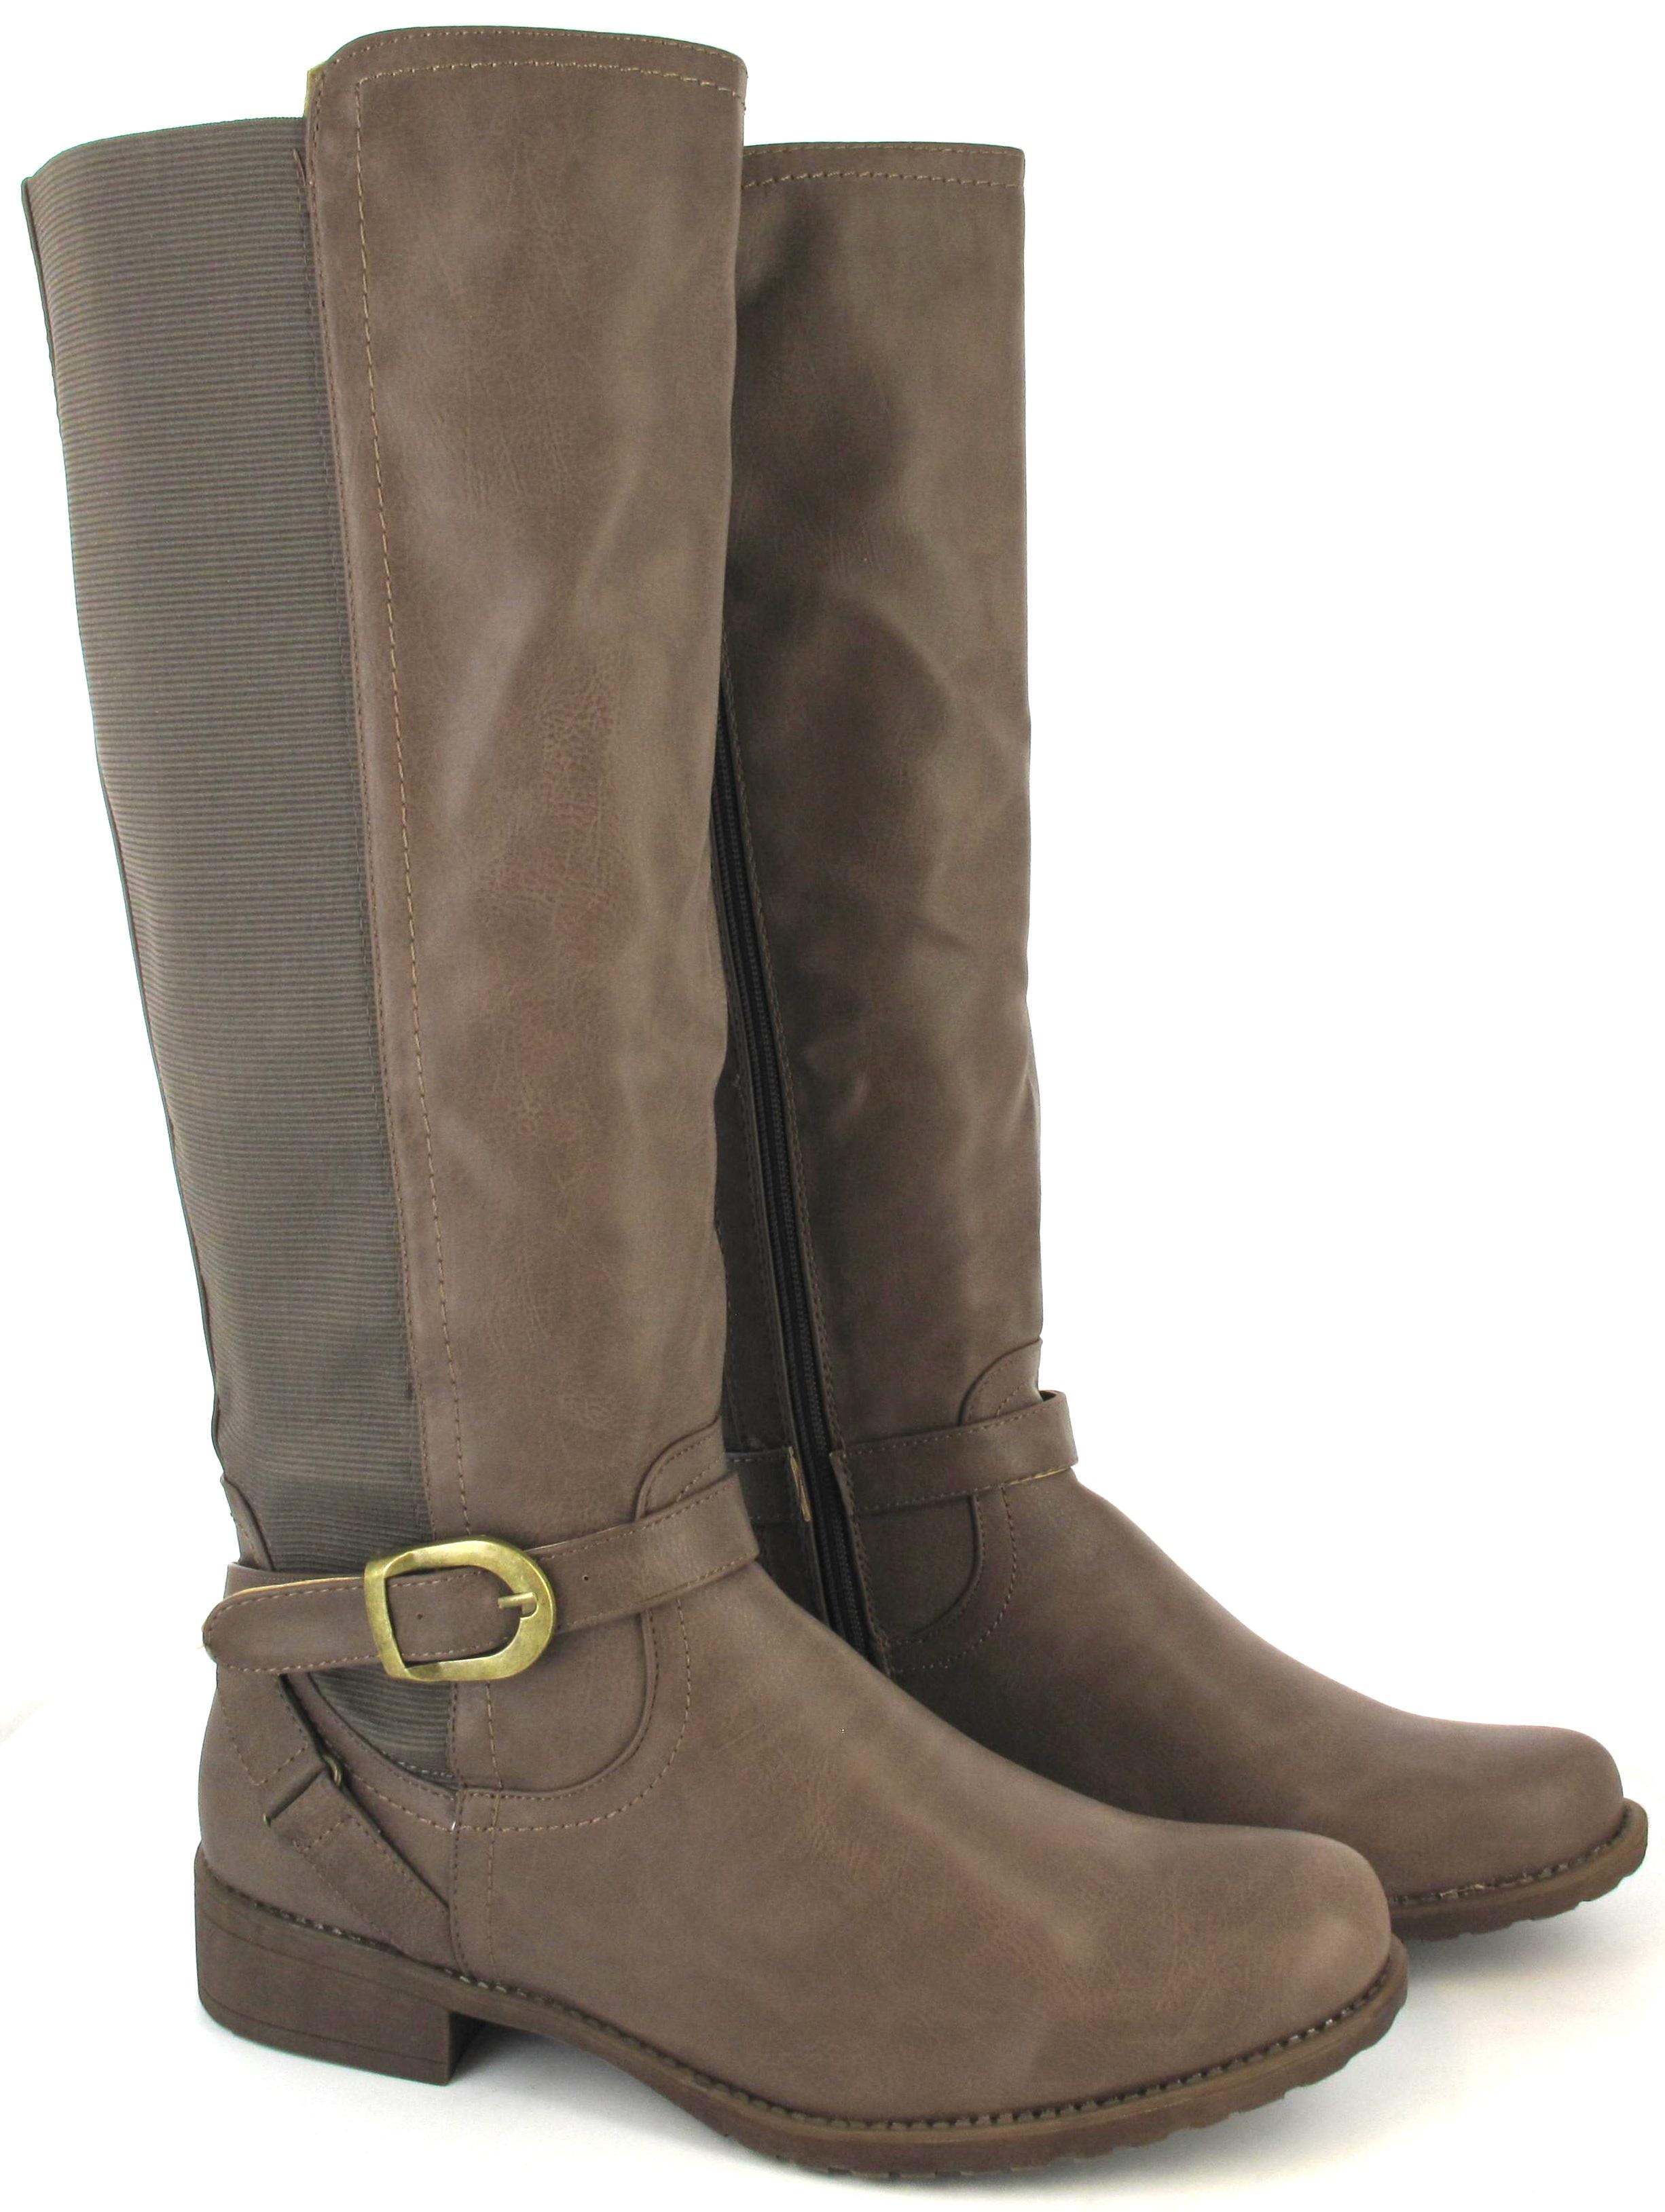 boots flat sole winter biker wide calf leg